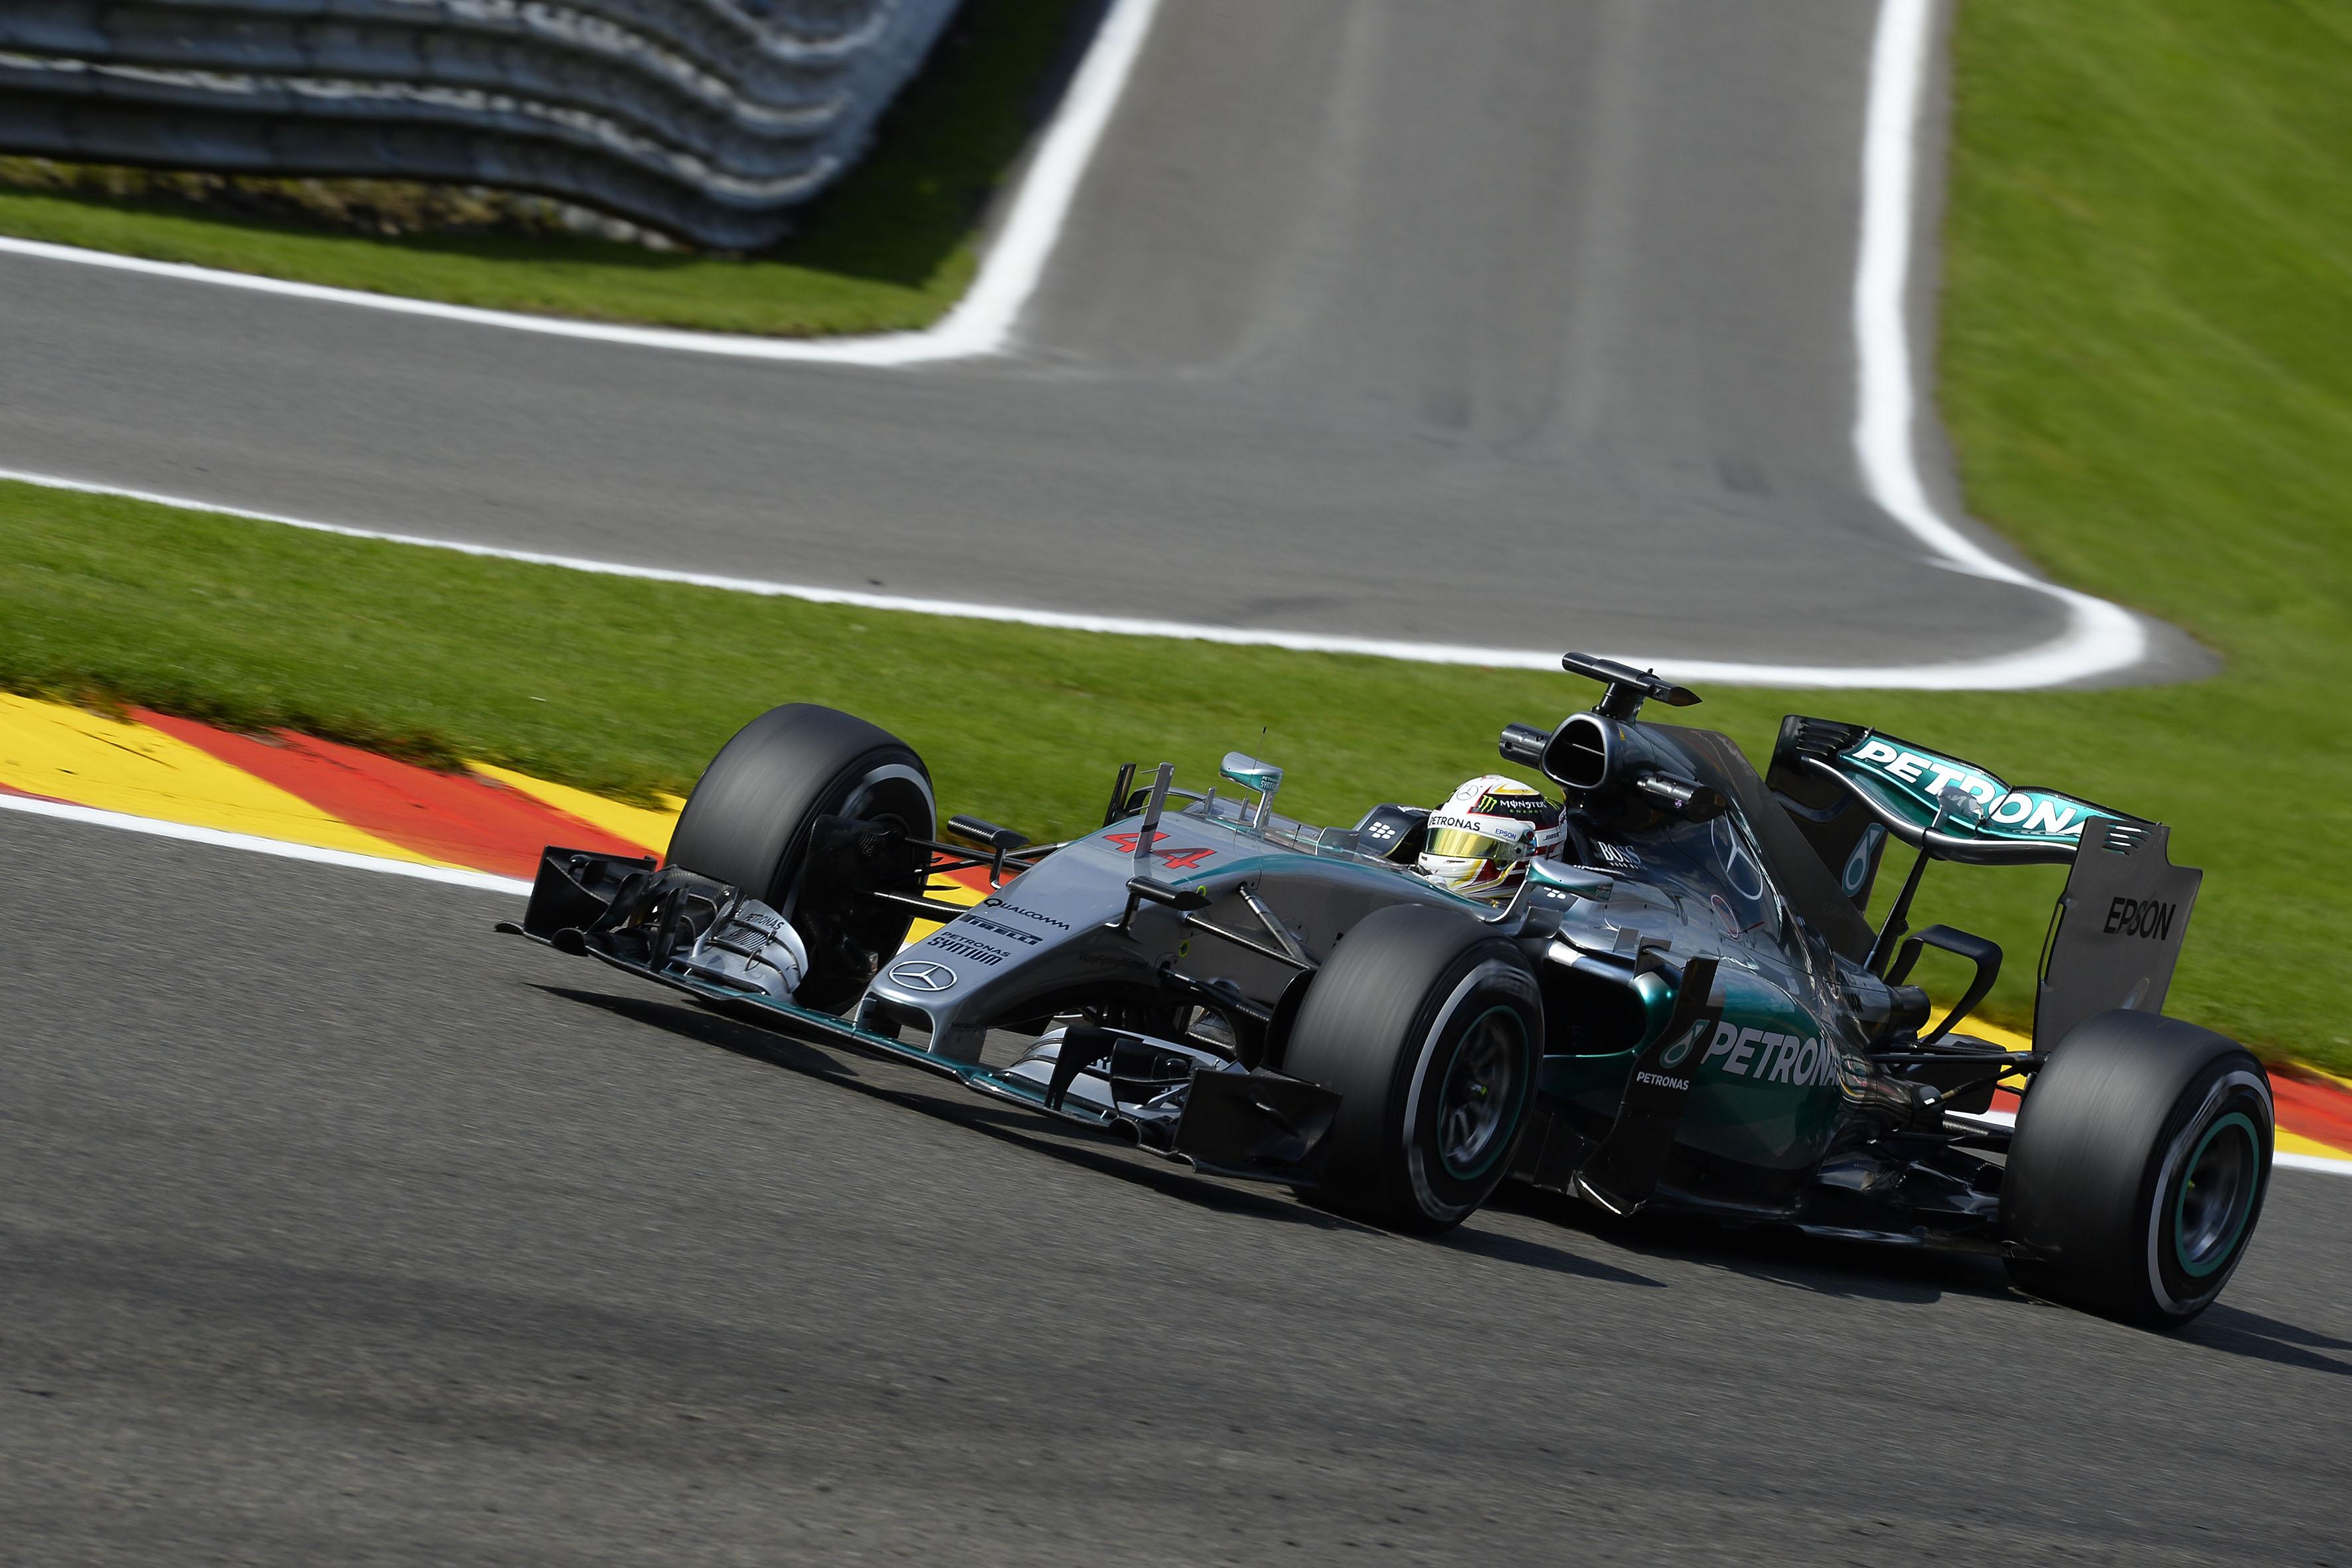 Belgio: Hamilton record sulle soft